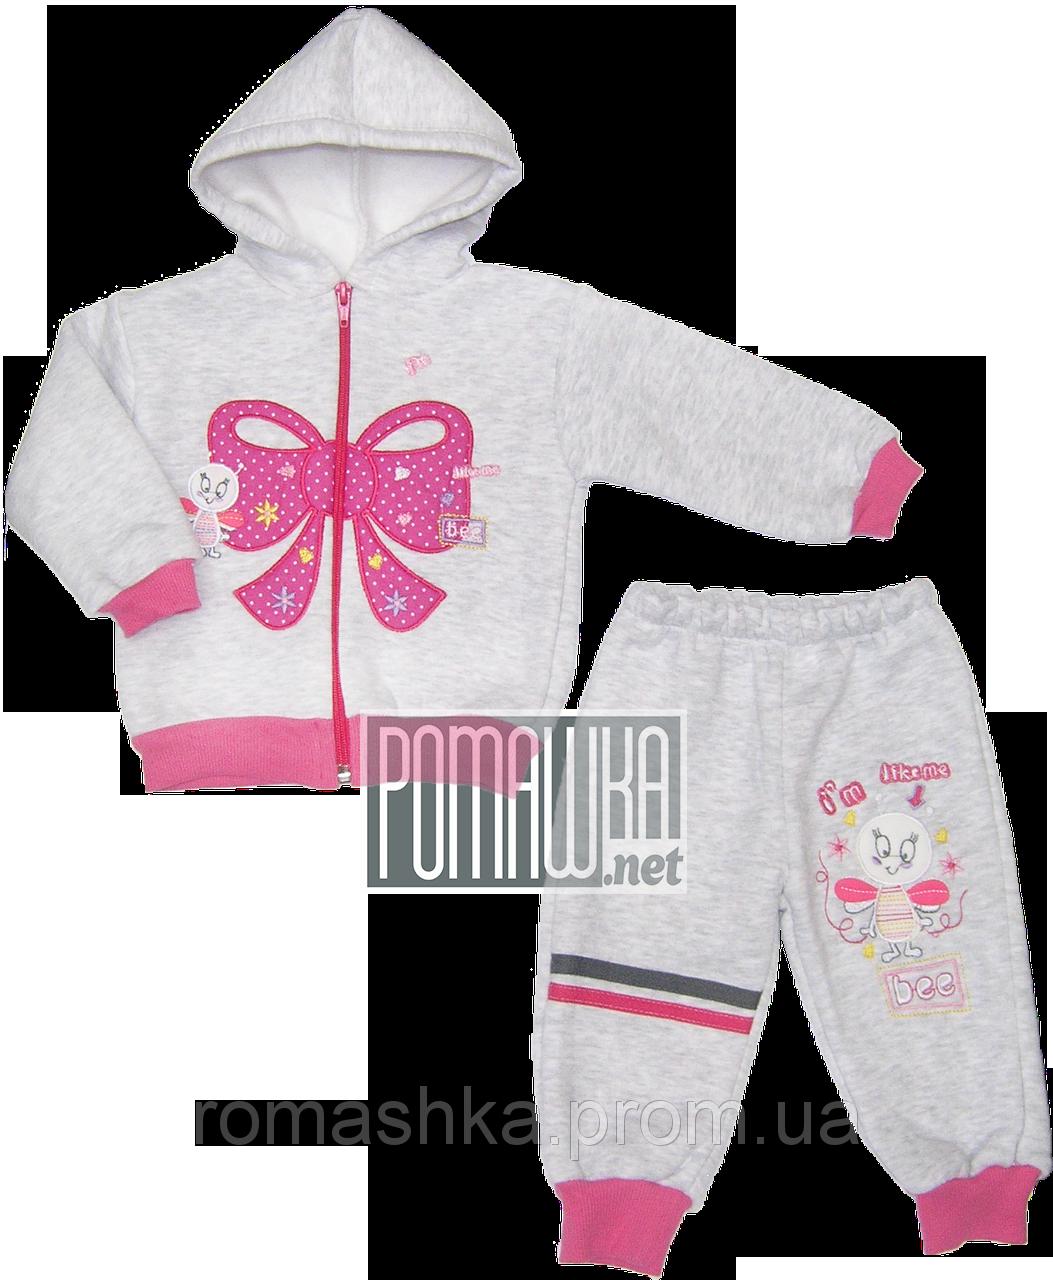 f7d6bf54 Детский спортивный костюм для девочки р. 80 с толстым начесом ткань ФУТЕР  ТРЕХНИТКА 4286 Розовый